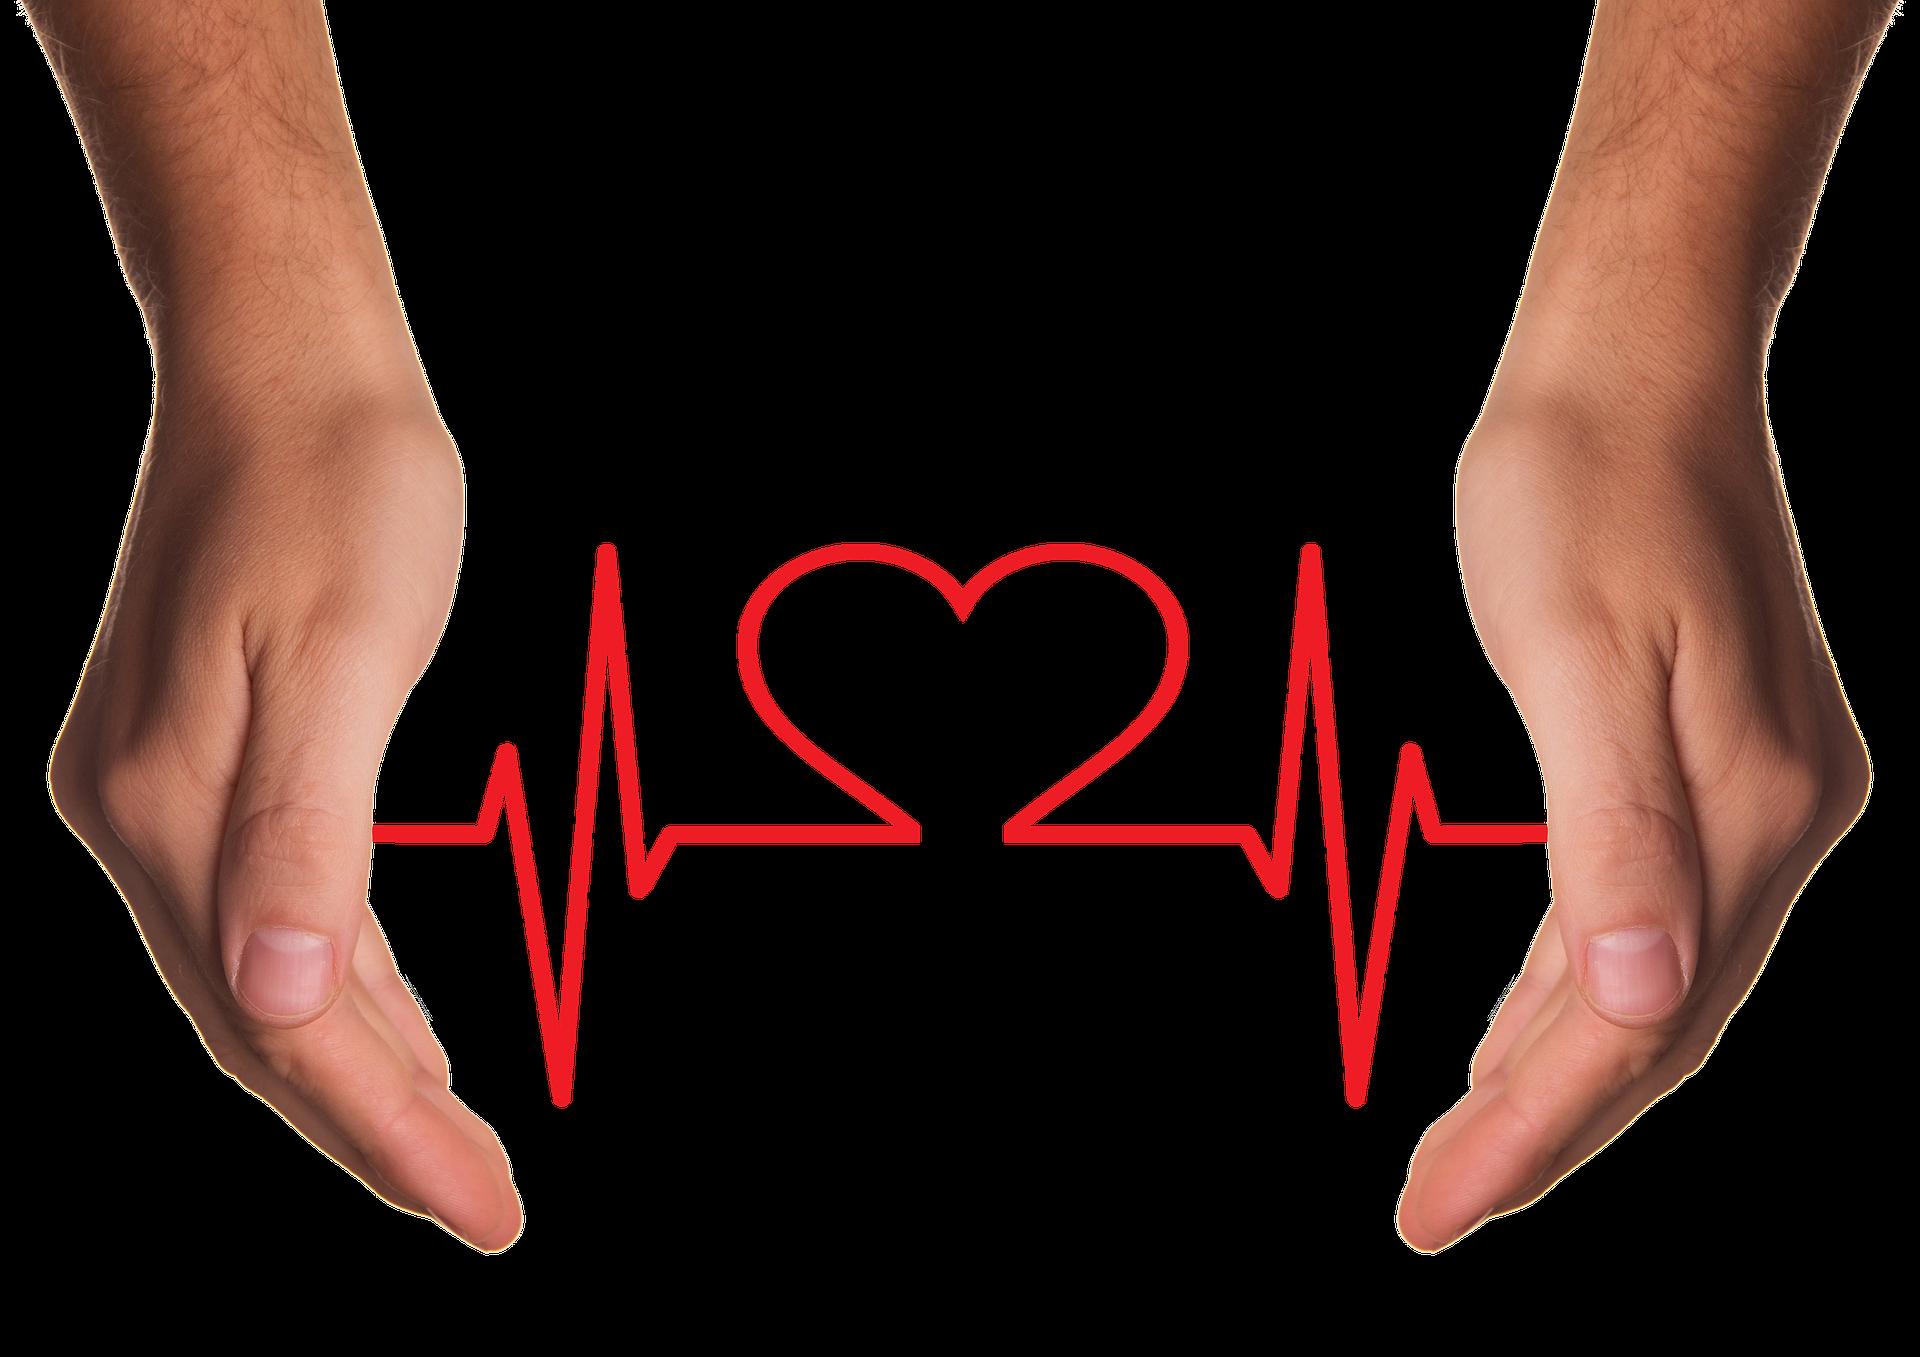 Vitki ljudi skloni sjedenju suočeni s istim srčanim rizicima kao i pretile osobe